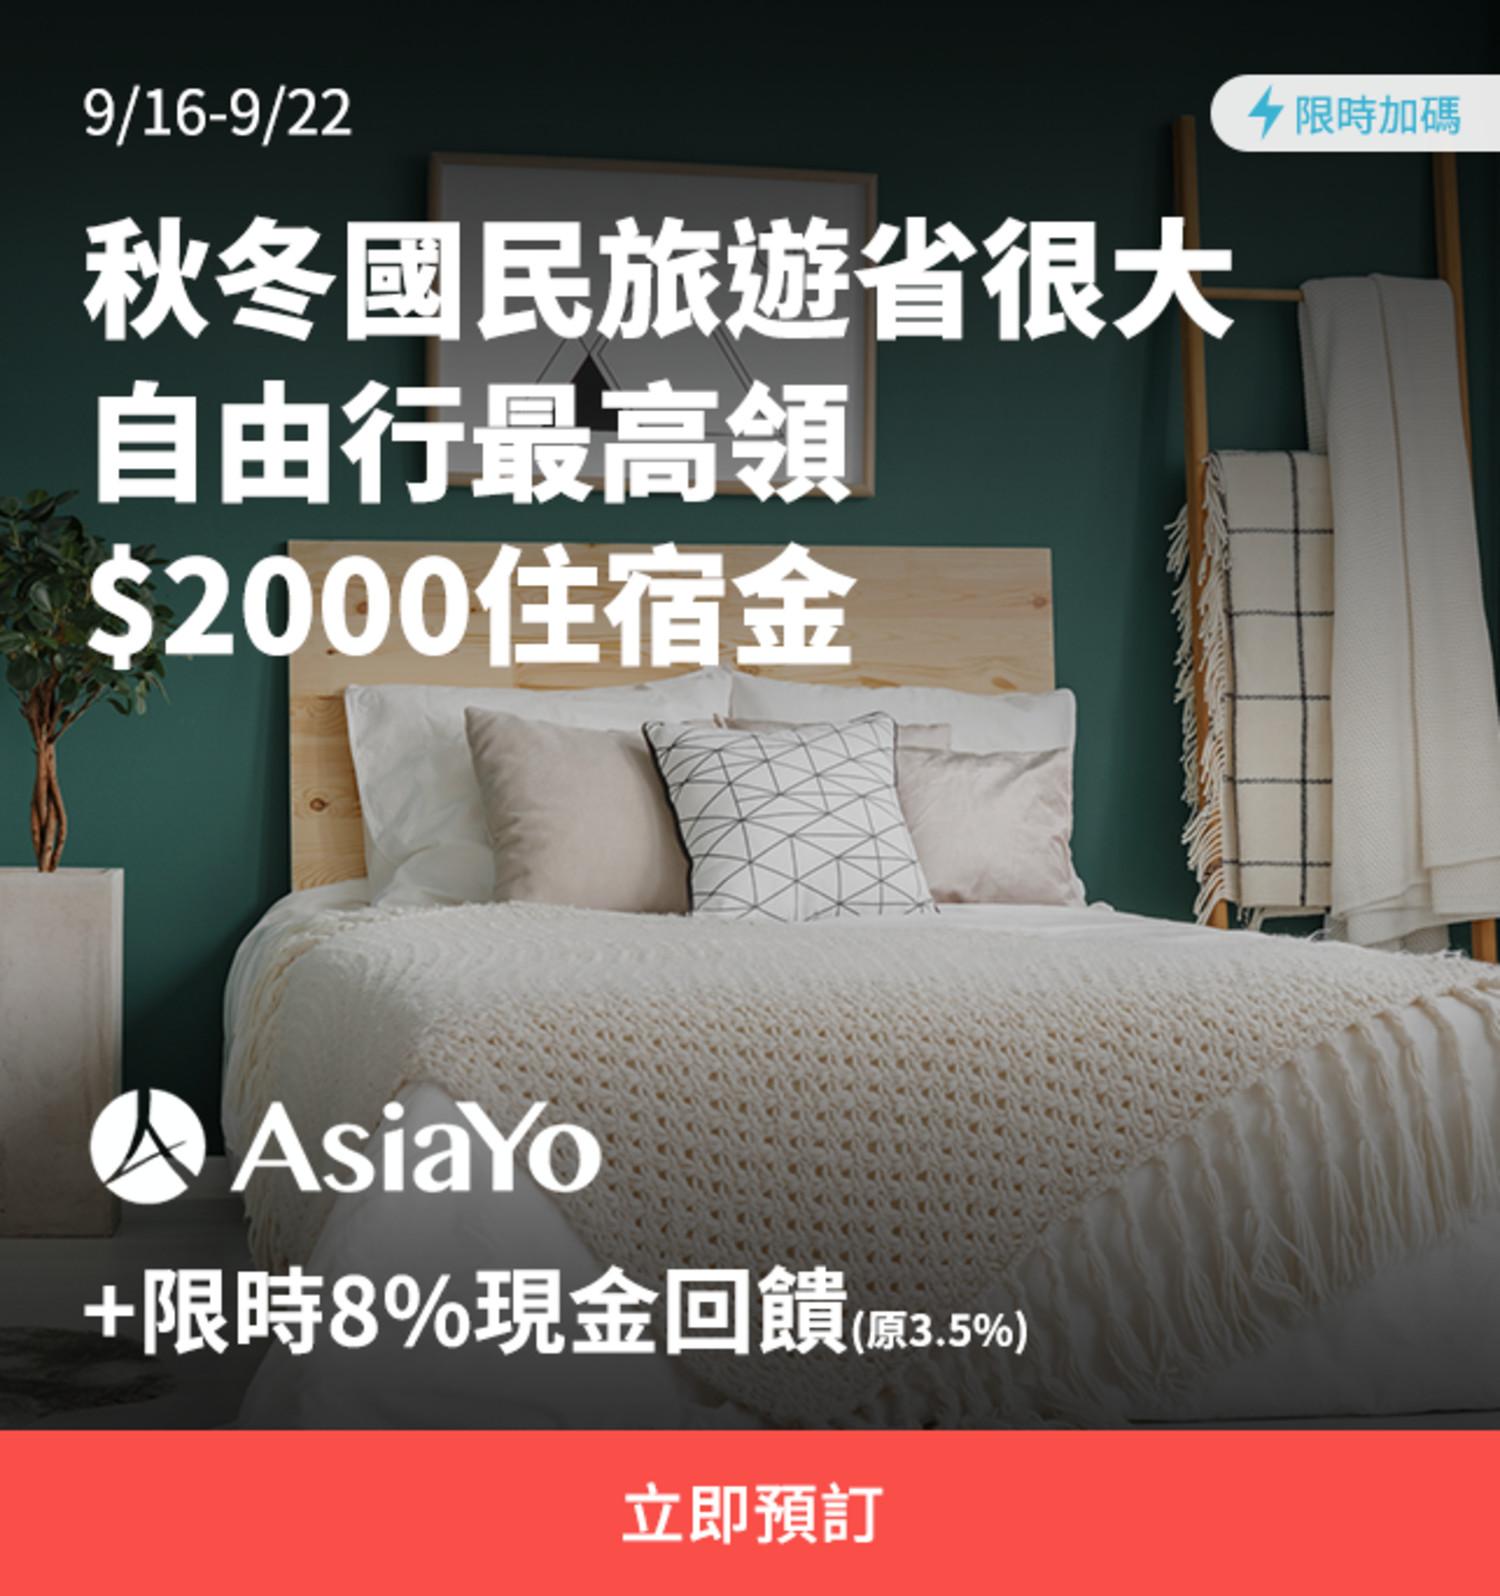 asiayo現金回饋加碼_0916-0922